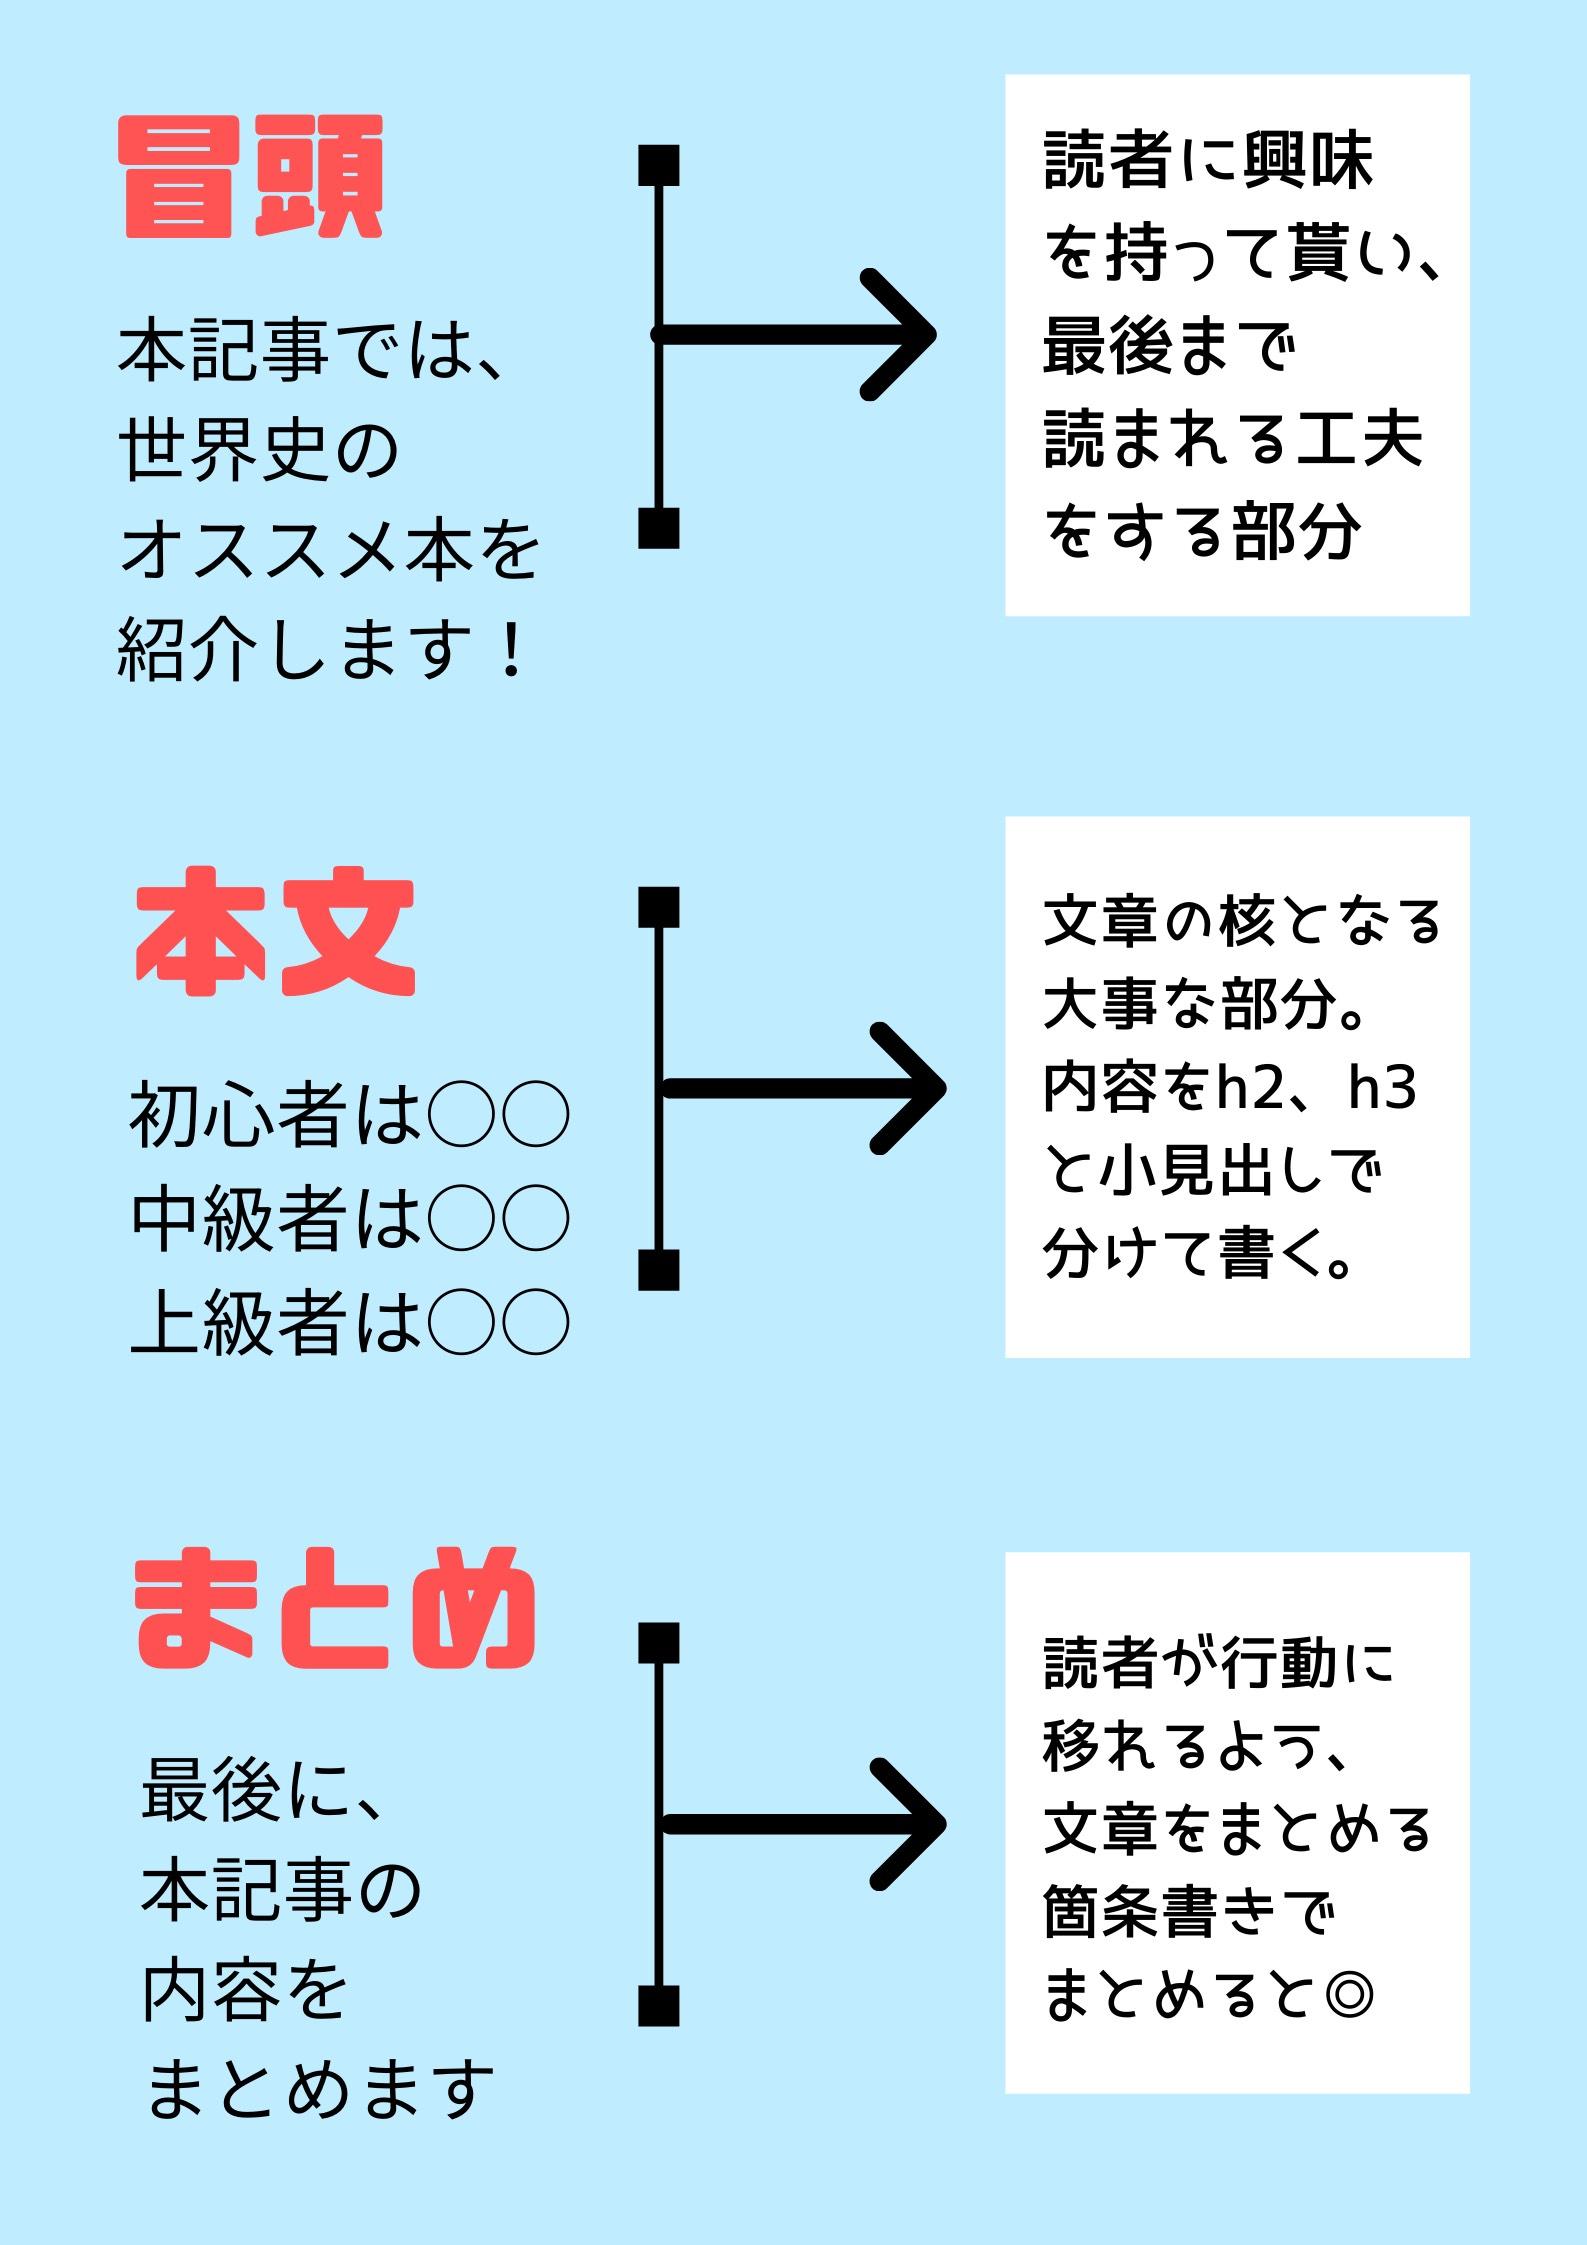 冒頭→本文→まとめという3構成